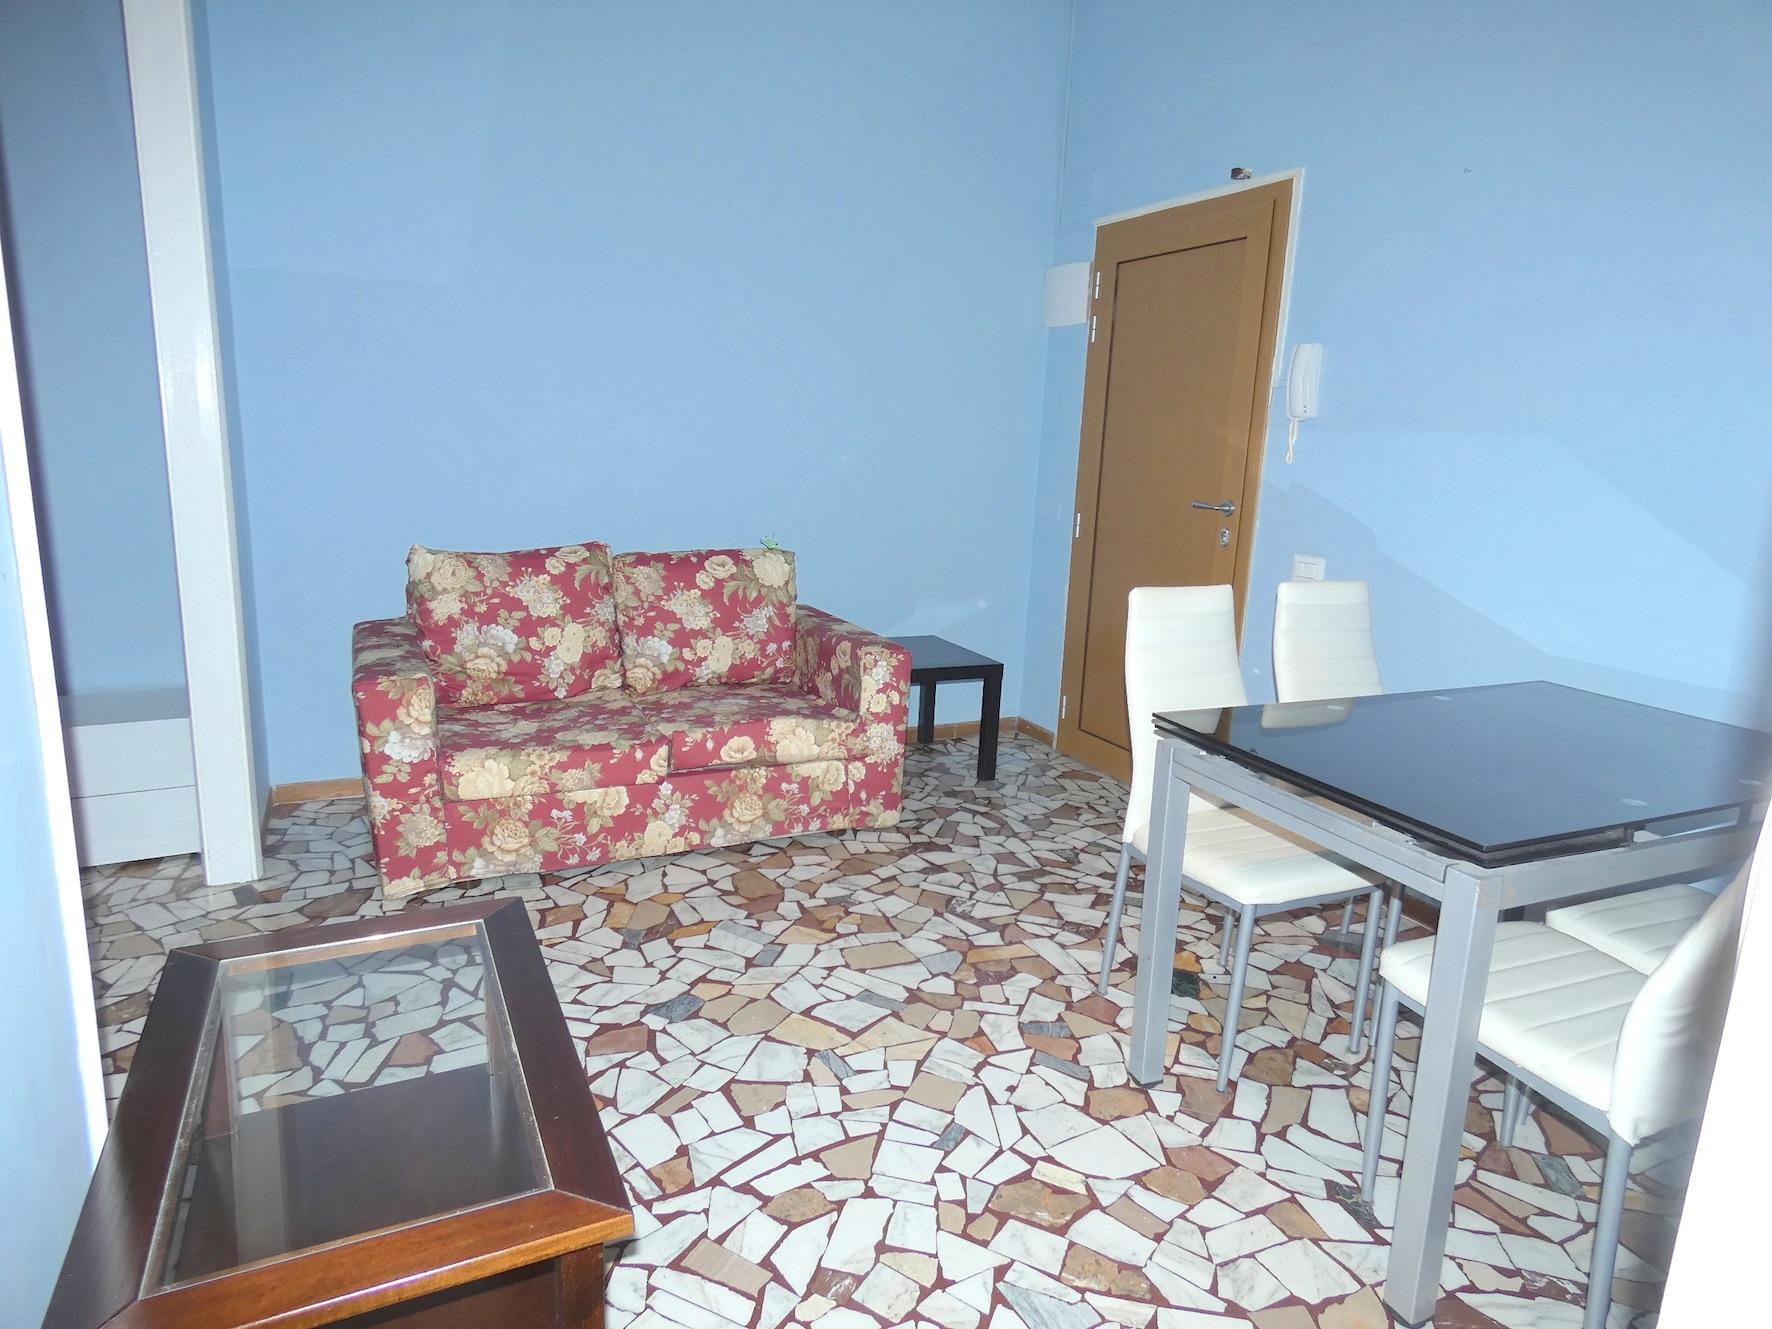 VIALE CECCARINI, Bilocale con 4 posti letto  in affitto stagionale estivo